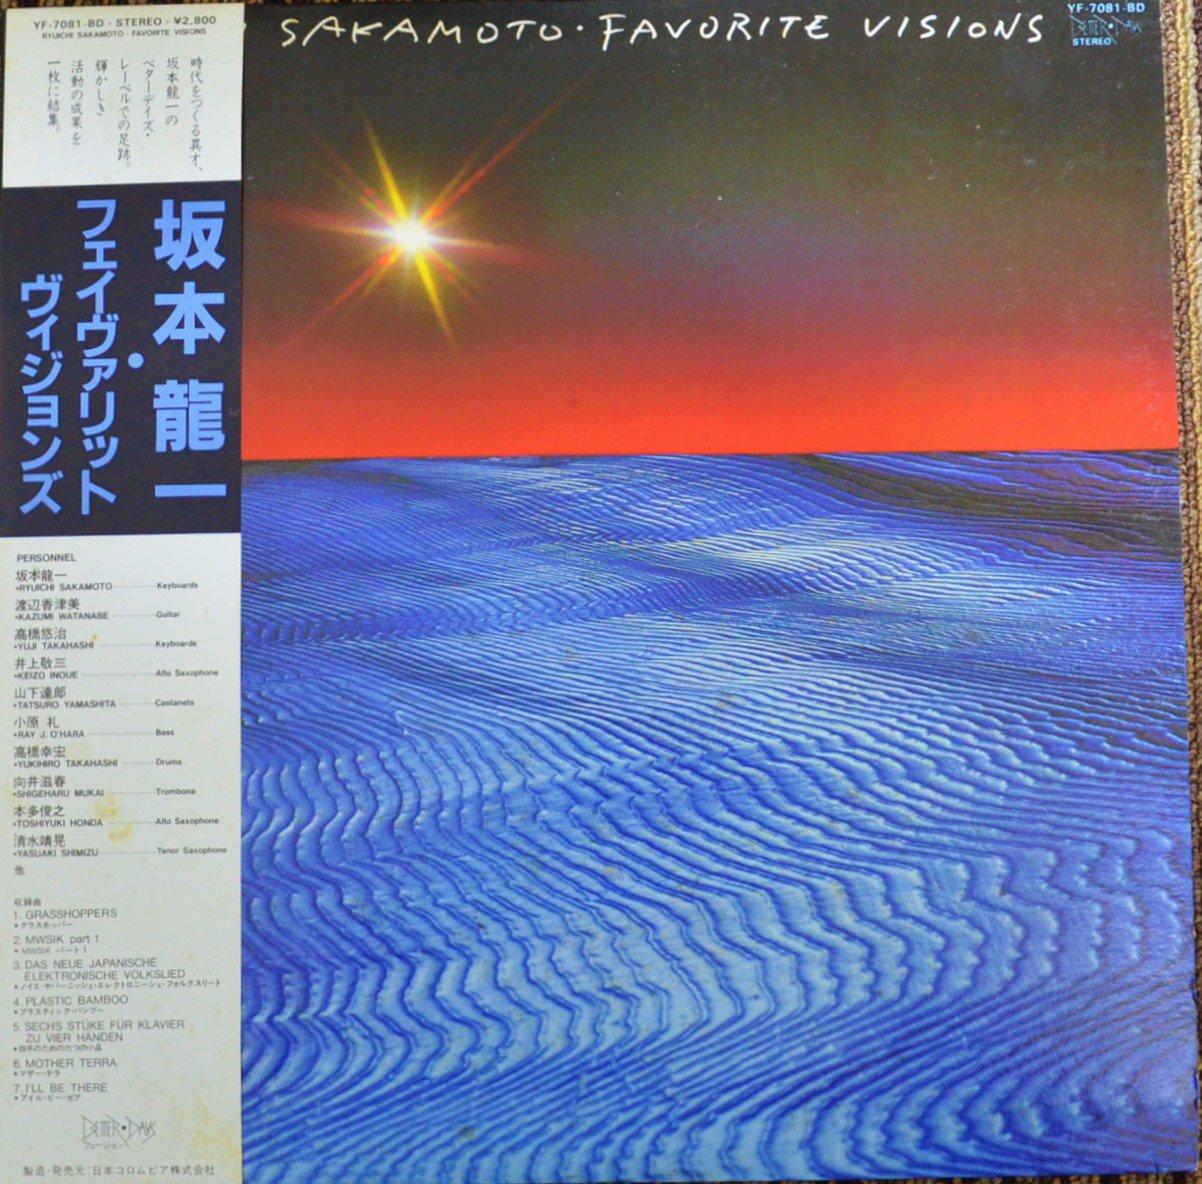 坂本龍一 RYUICHI SAKAMOTO / フェイヴァリット・ヴィジョンズ FAVORITE VISIONS (LP)